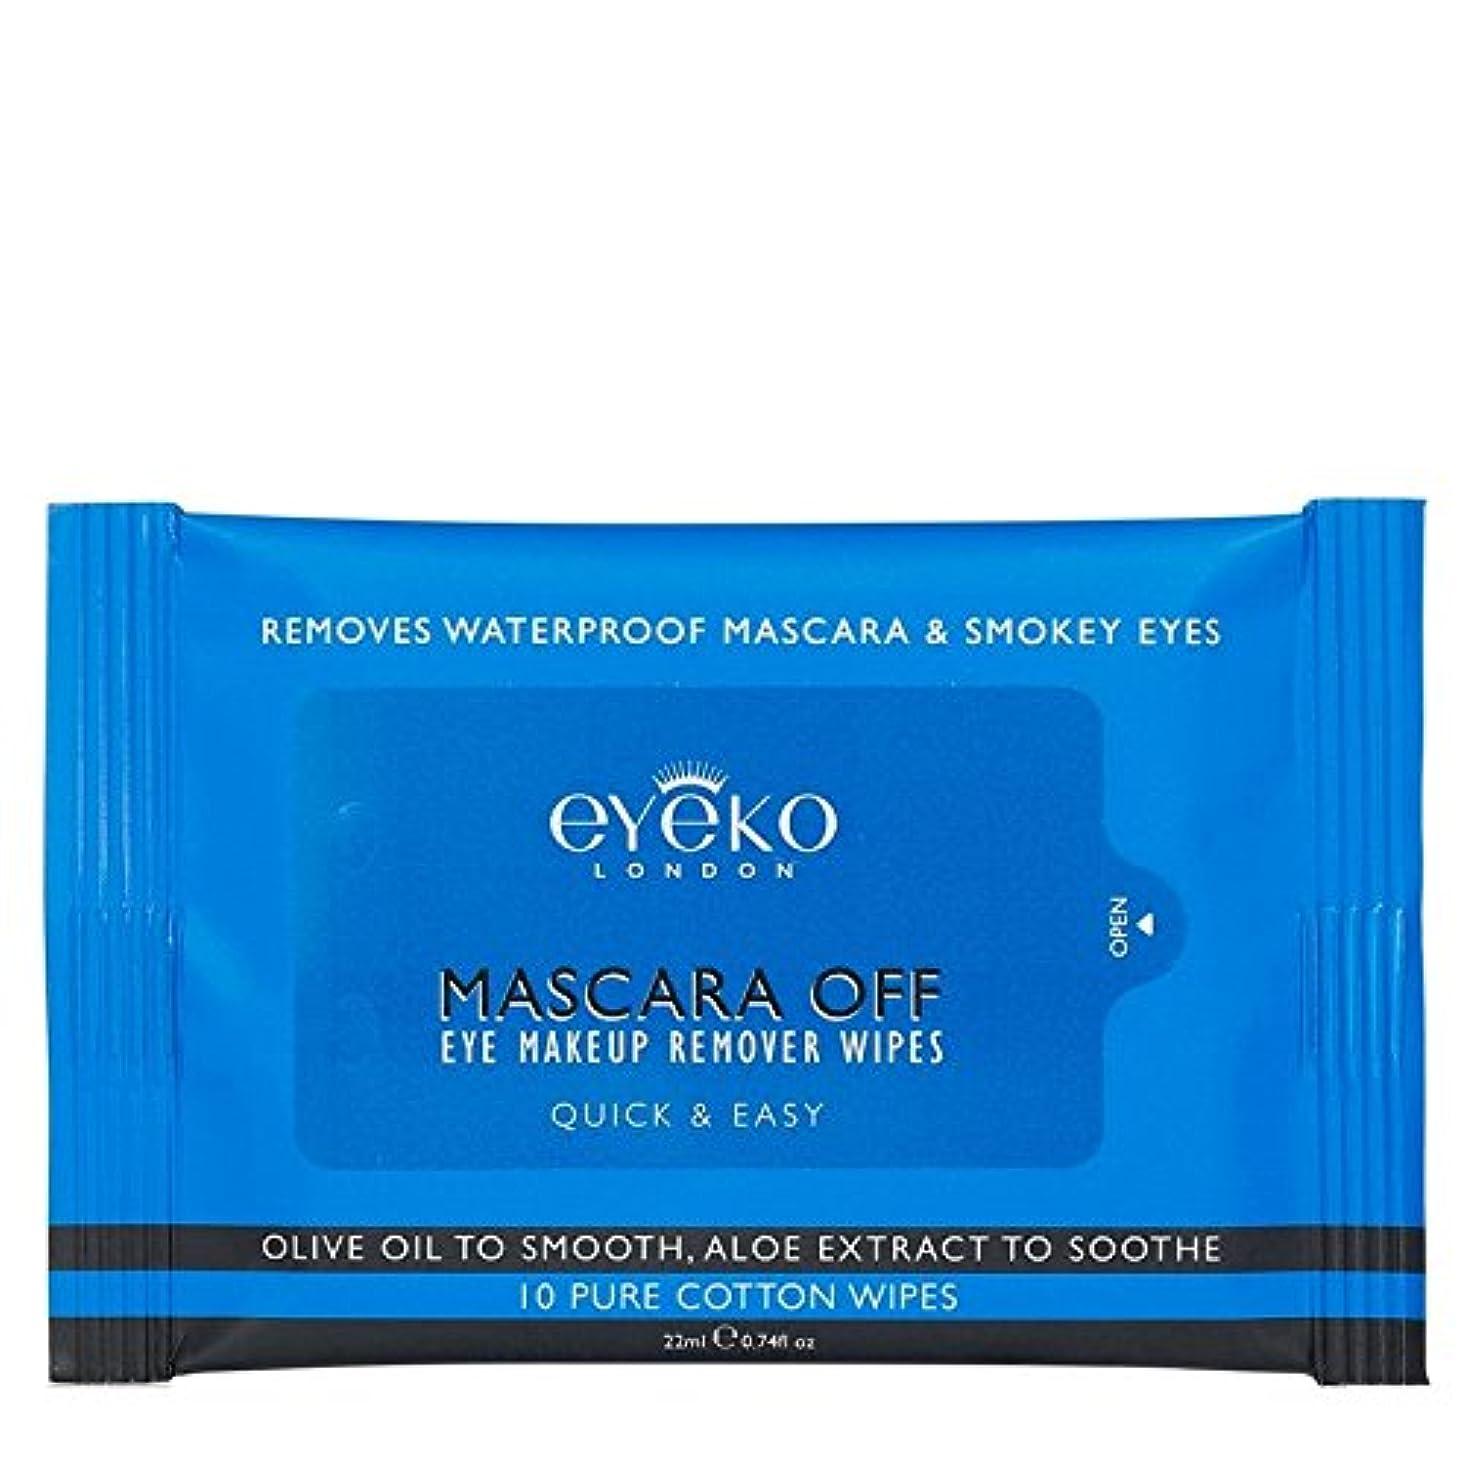 半導体世辞雰囲気マスカラオフパックあたり10ワイプ x2 - Eyeko Mascara off Wipes 10 per pack (Pack of 2) [並行輸入品]